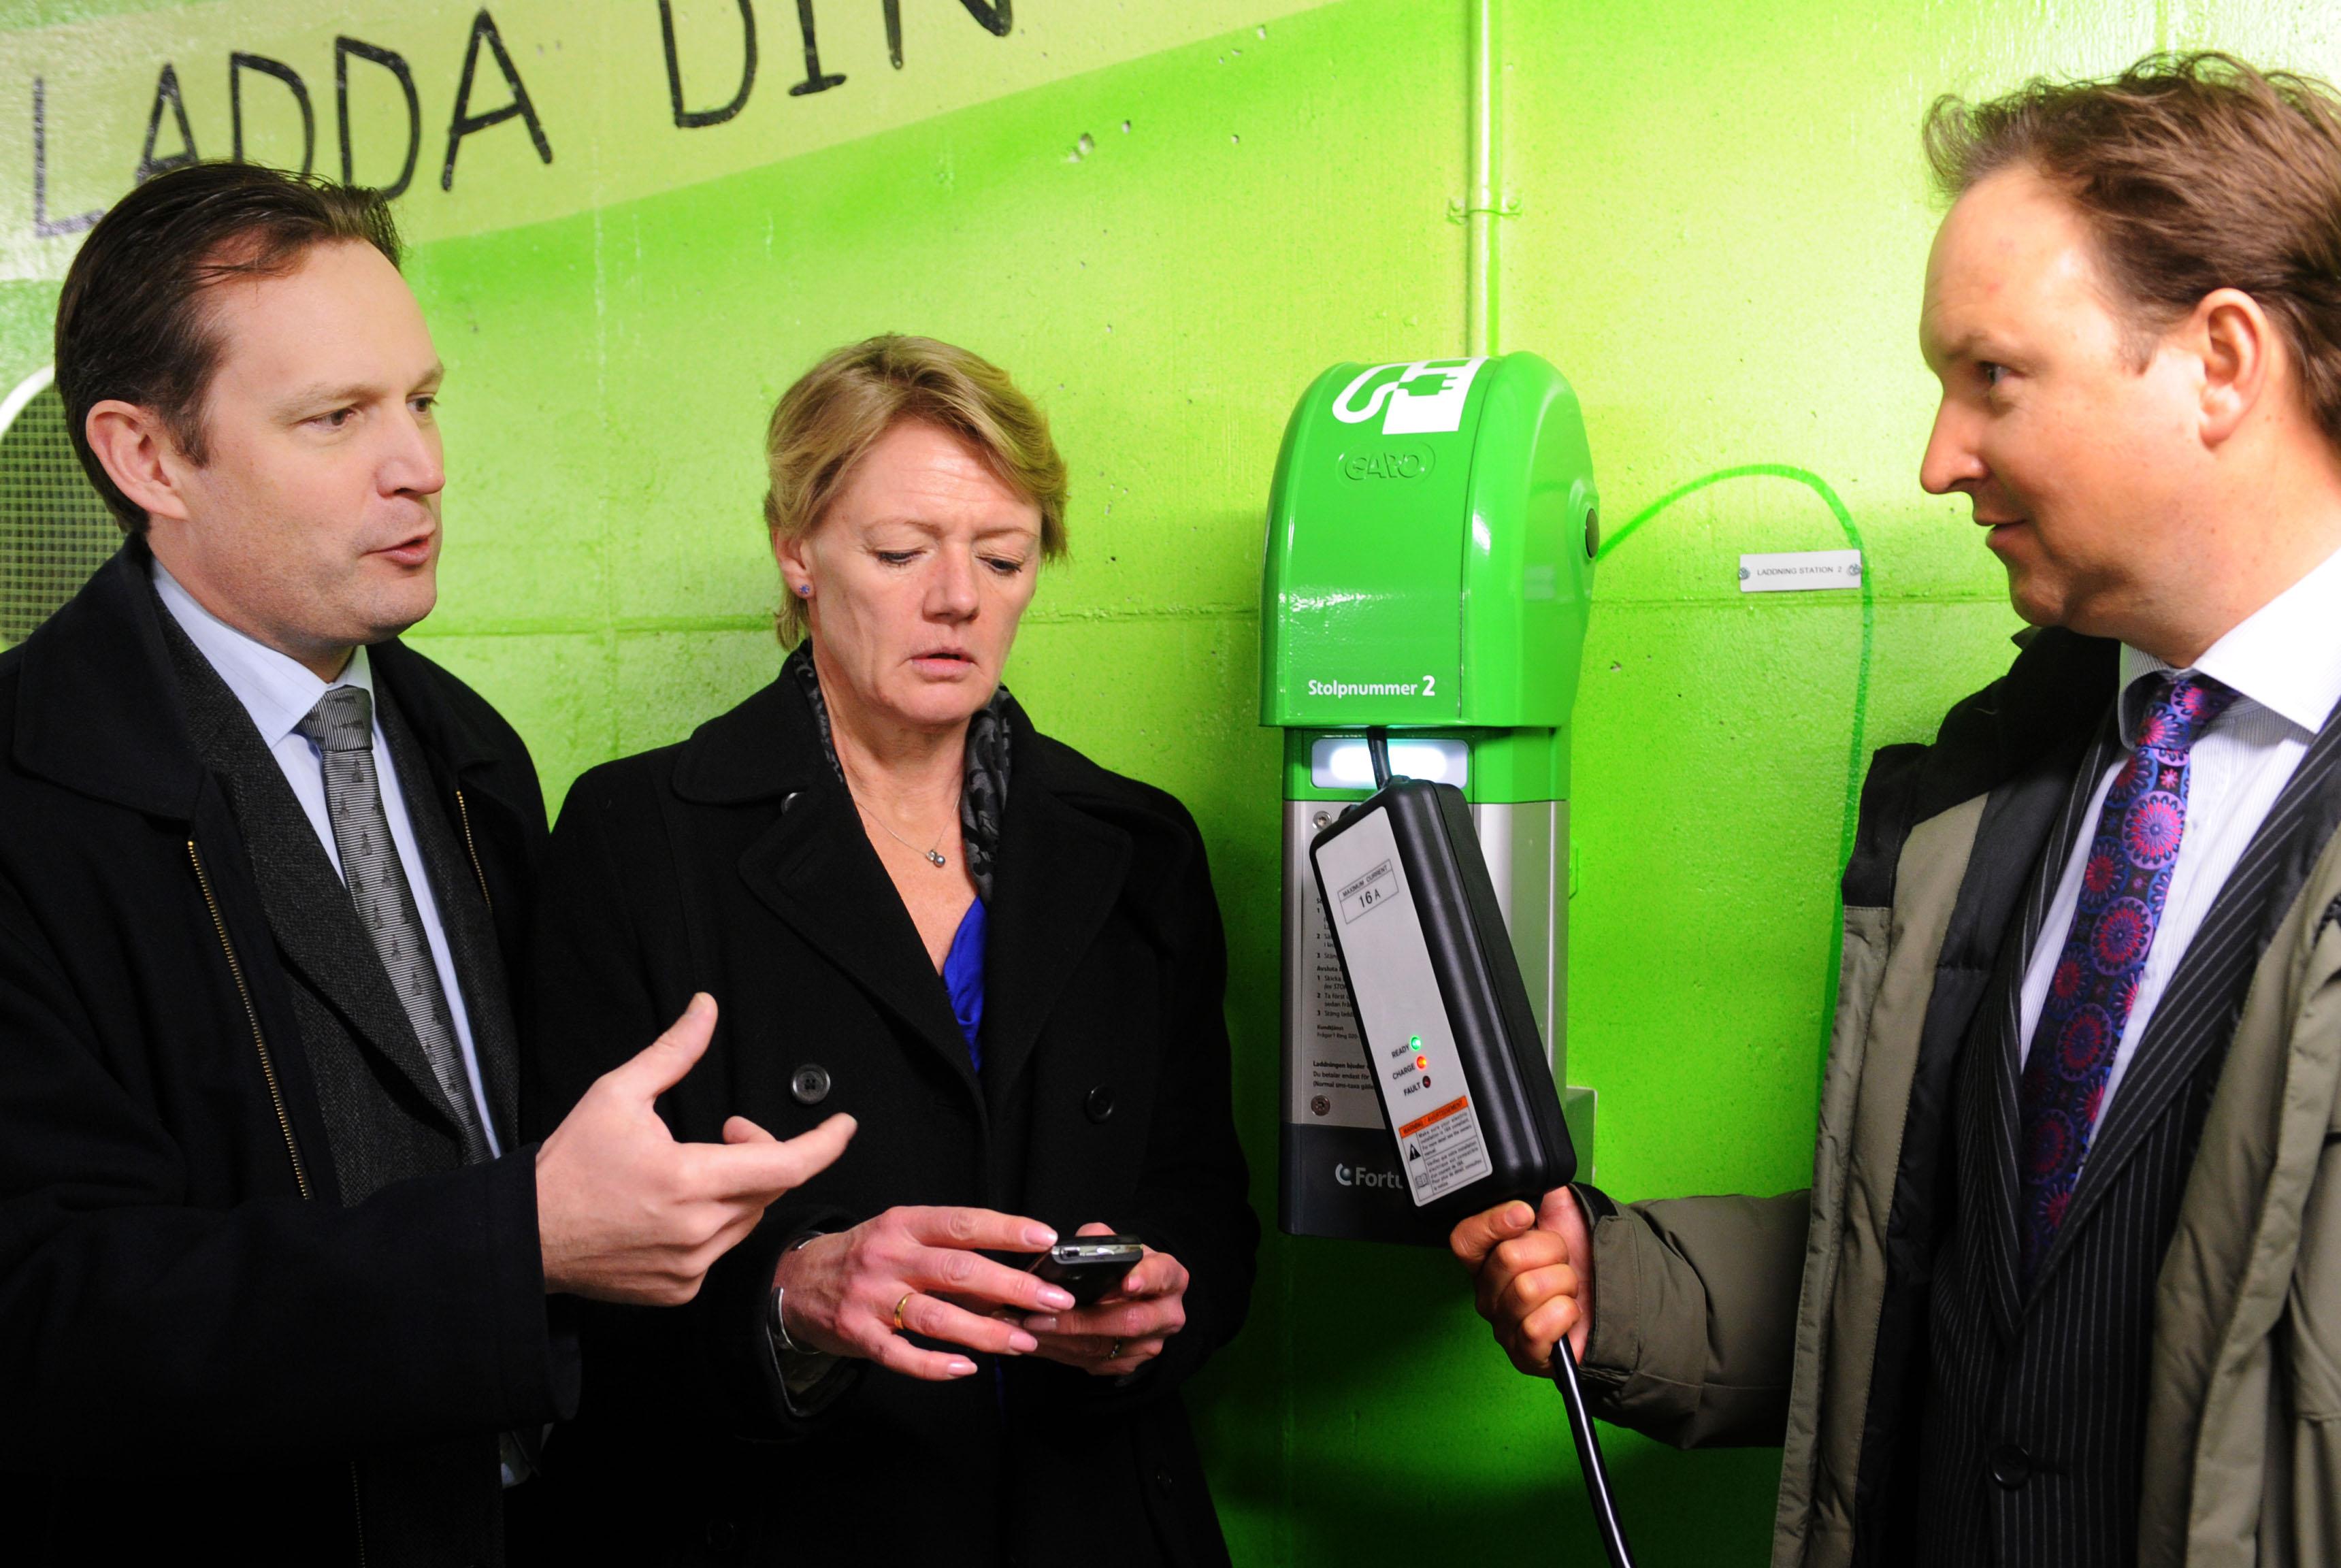 Invigning av mobilkontrollerade laddstolpar, P-hus Vartofta, Södermalm